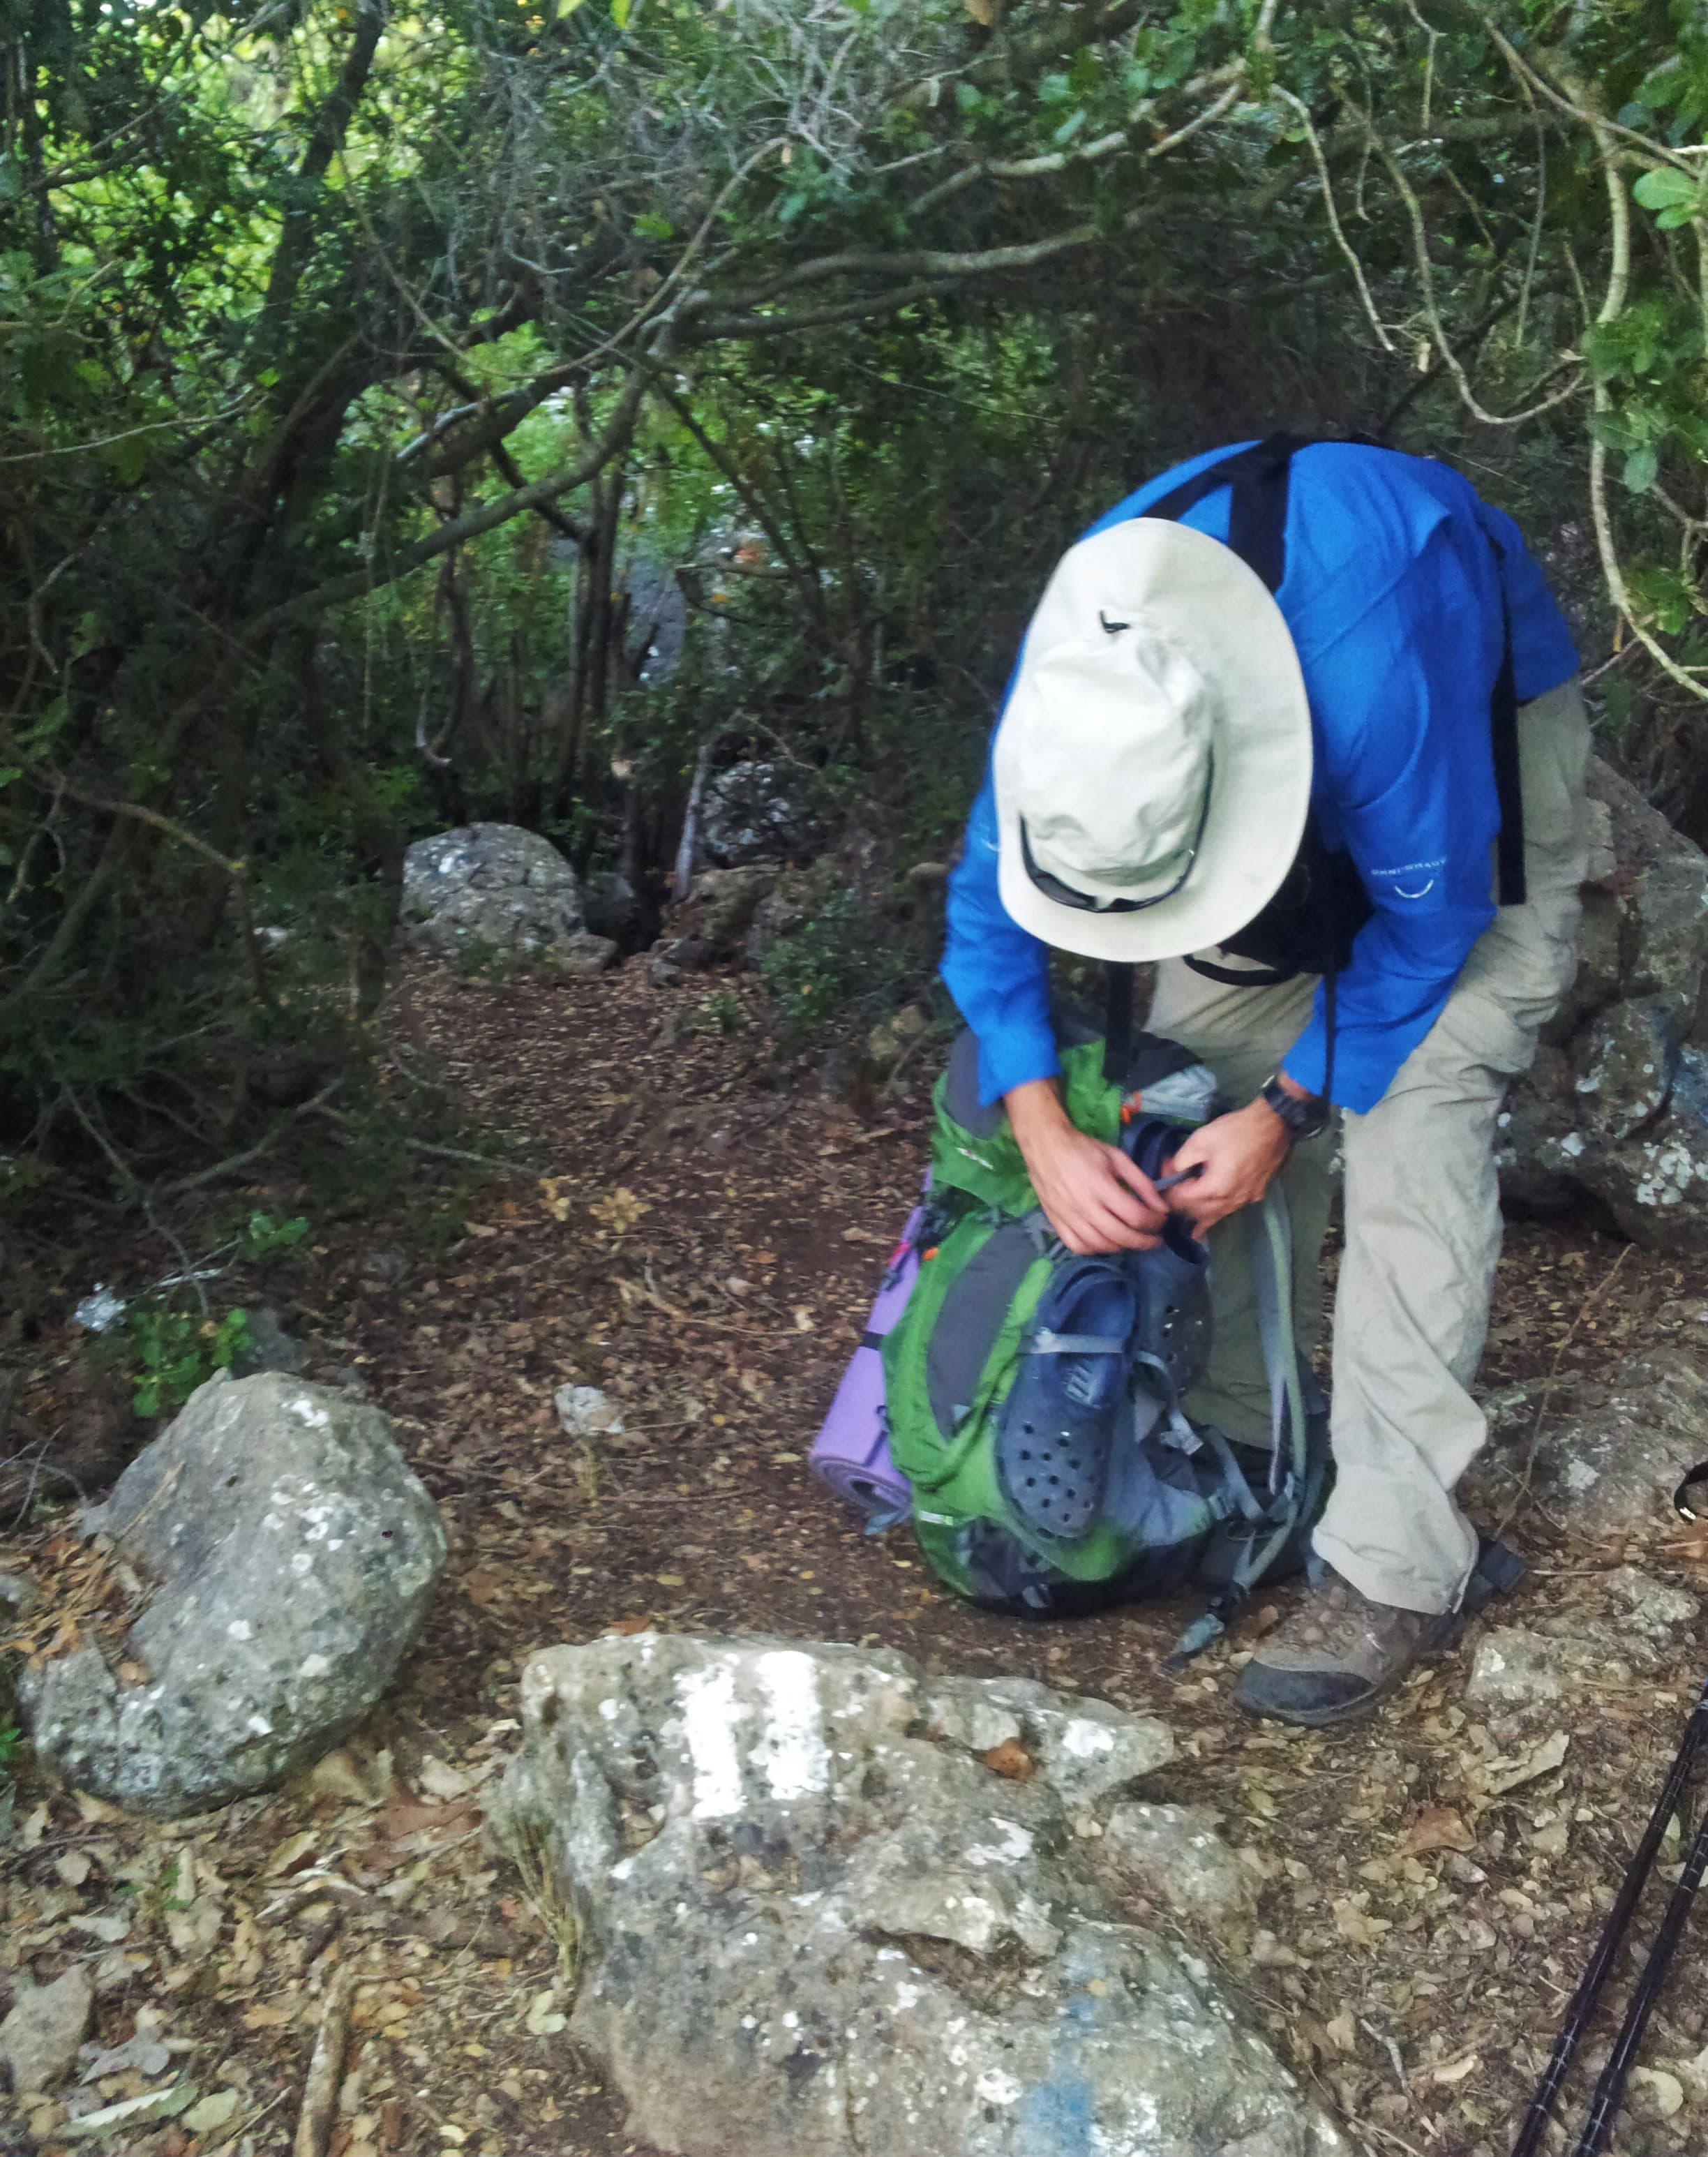 סימון שבילים שקוף שמוביל למערת נטיפים